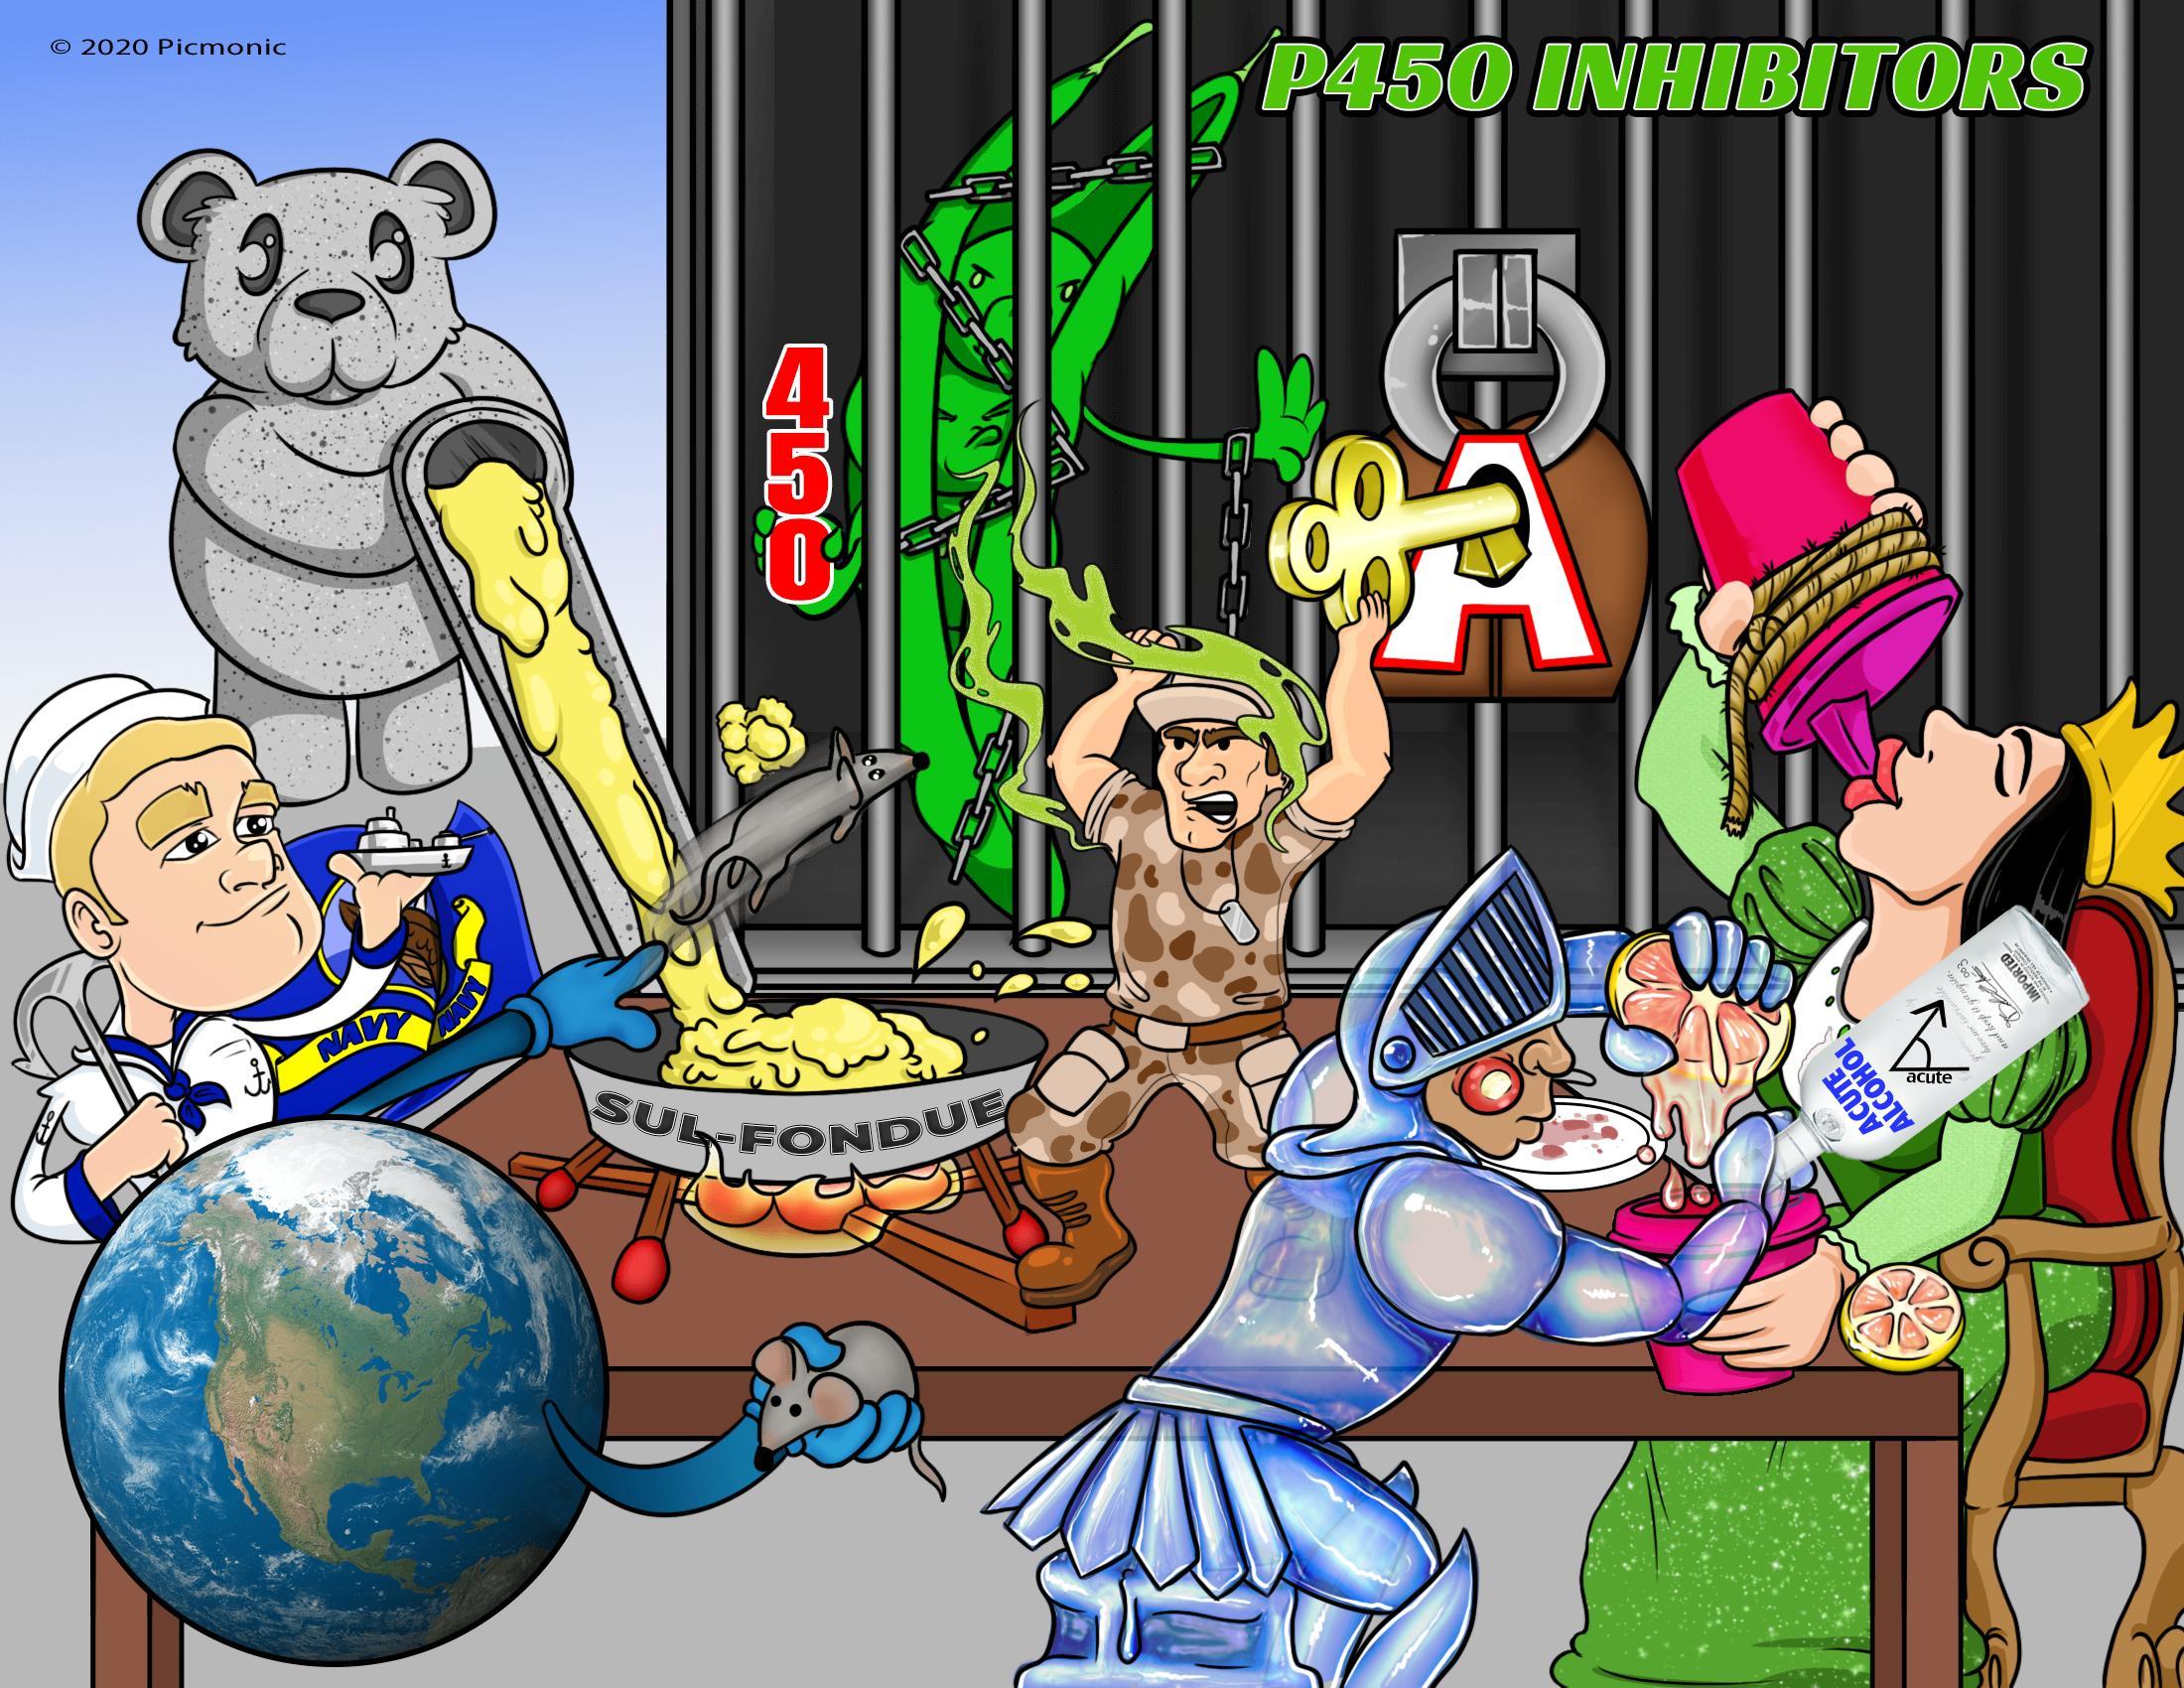 P450 Inhibitors